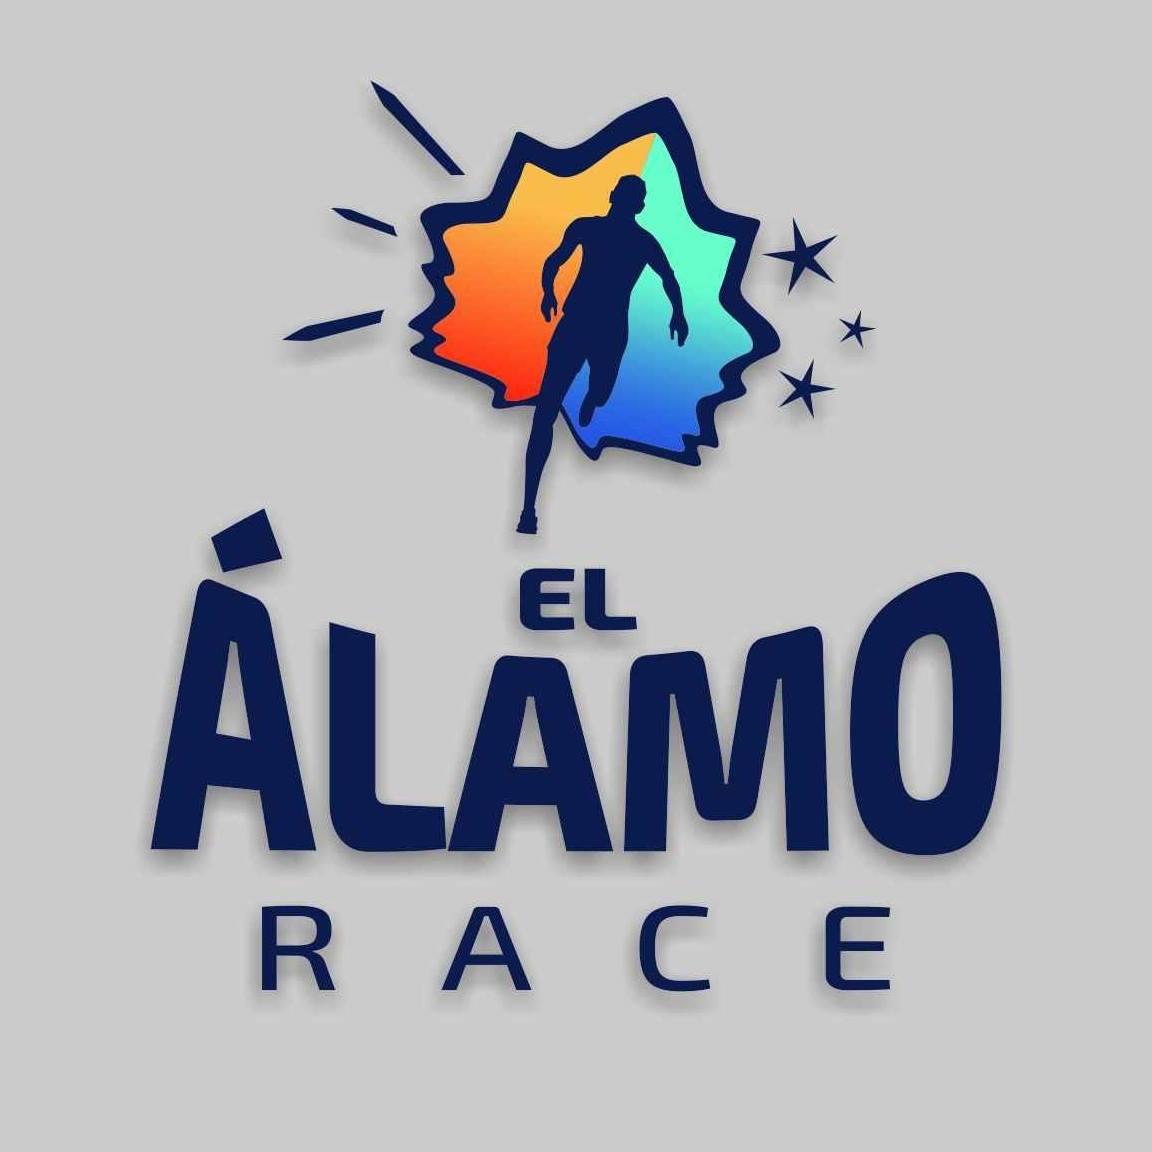 Logotipo oficial de la carrera El Álamo Race